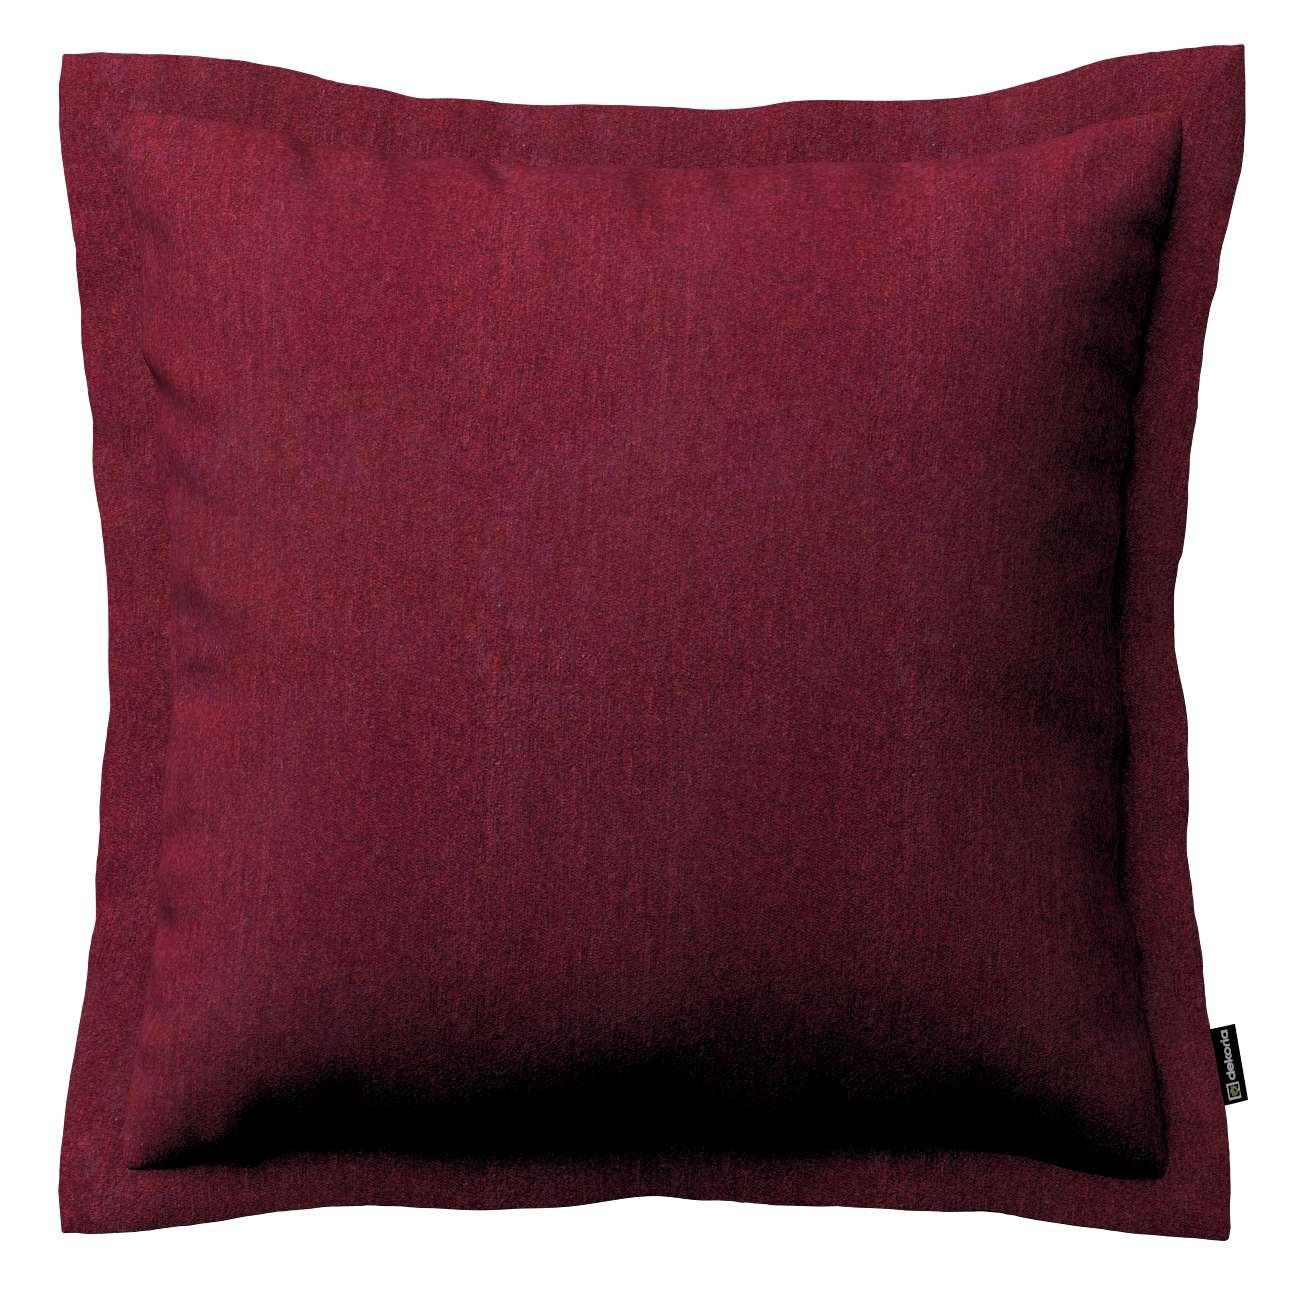 Mona dekoratyvinių pagalvėlių užvalkalas su sienele 38 x 38 cm kolekcijoje Chenille, audinys: 702-19